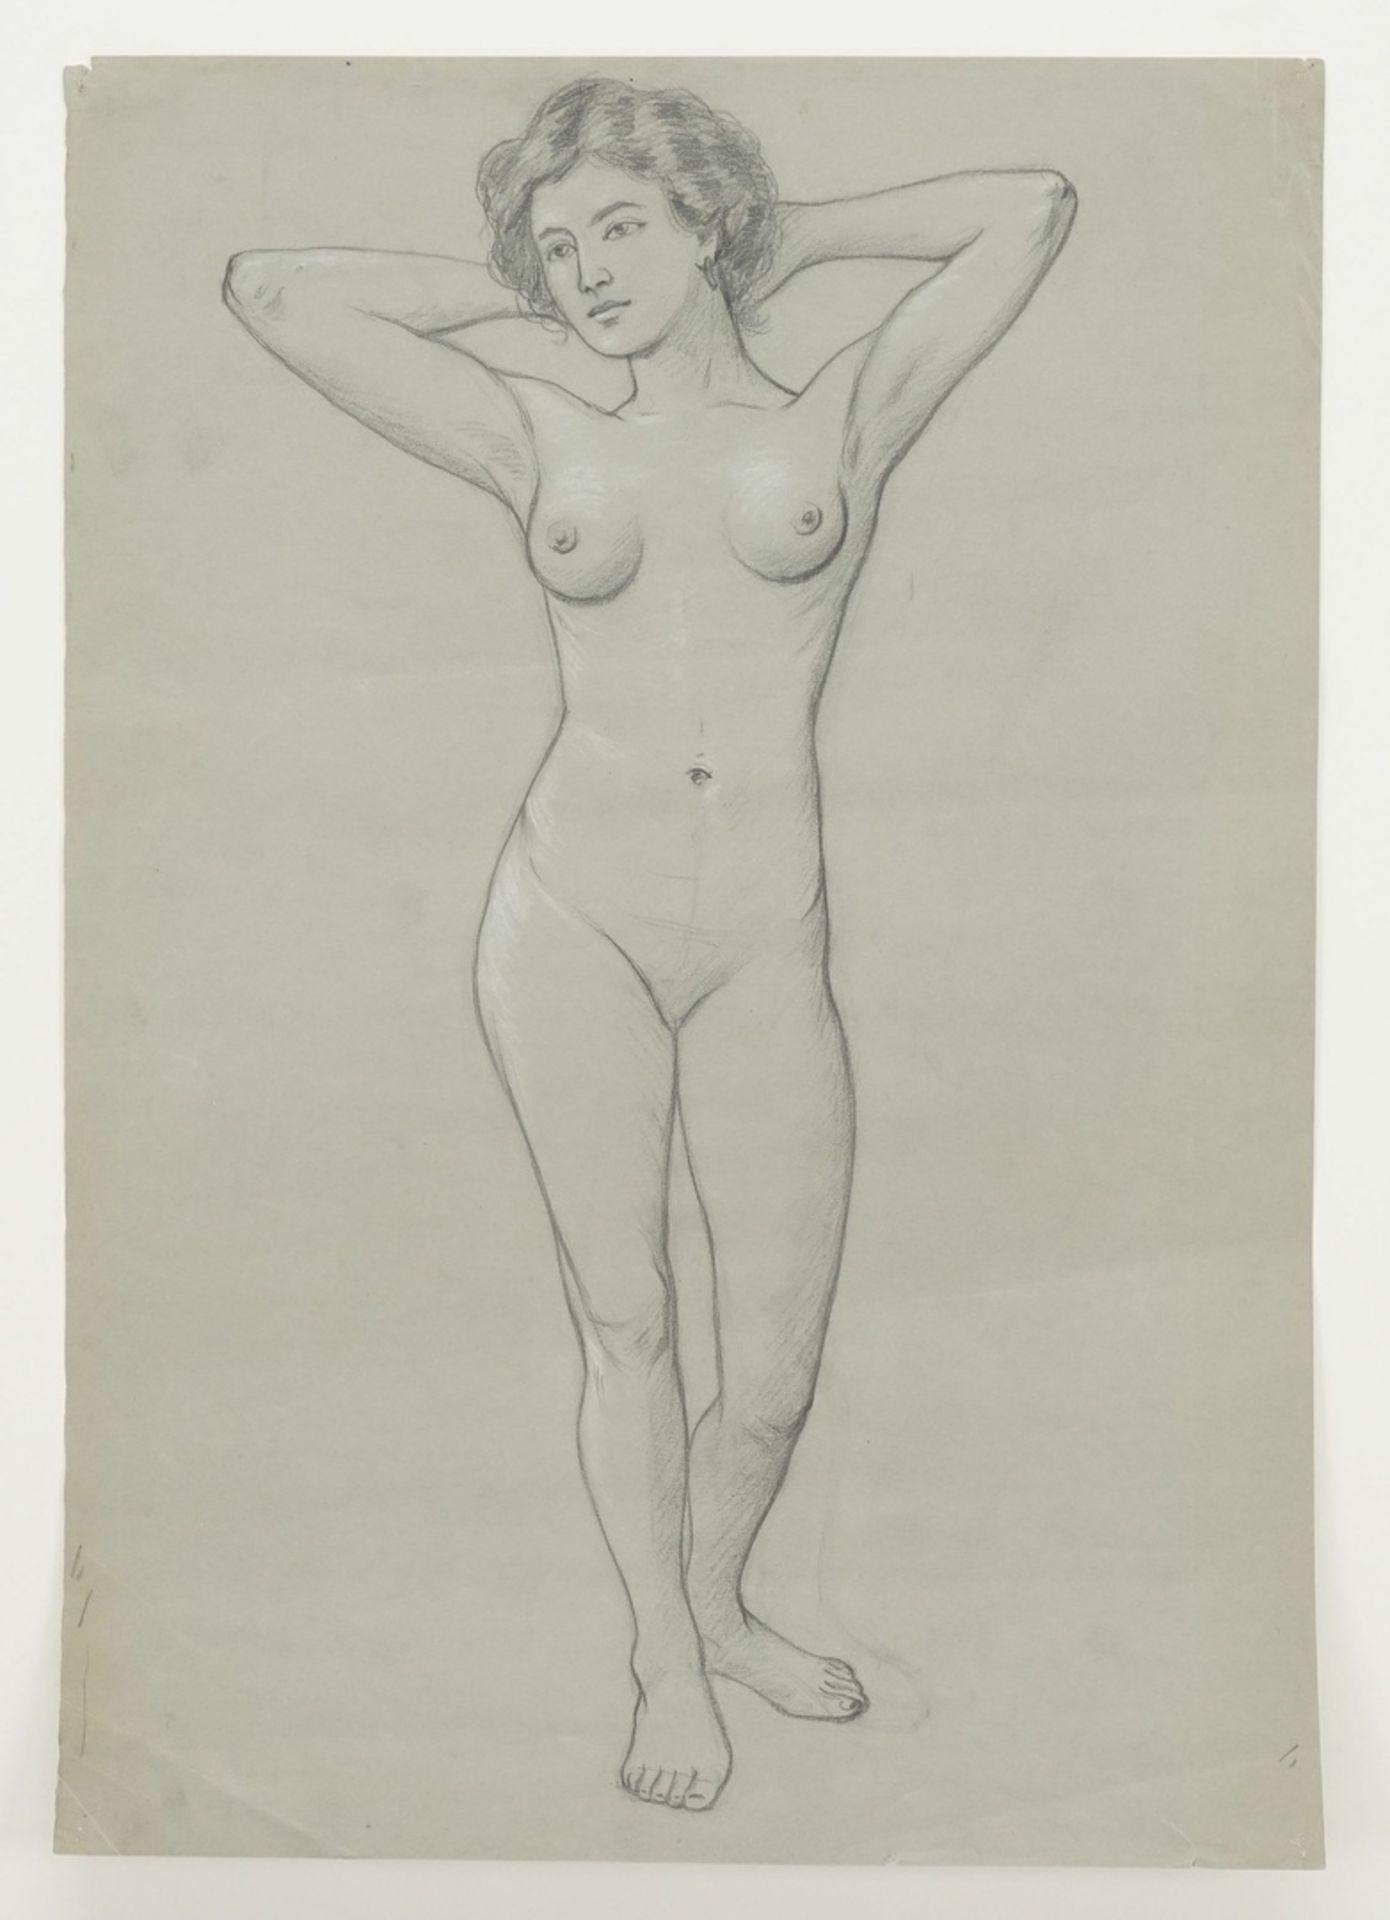 Unbekannter akademischer Künstler, Zwei weibliche Akt-Darstellungen - Bild 2 aus 3